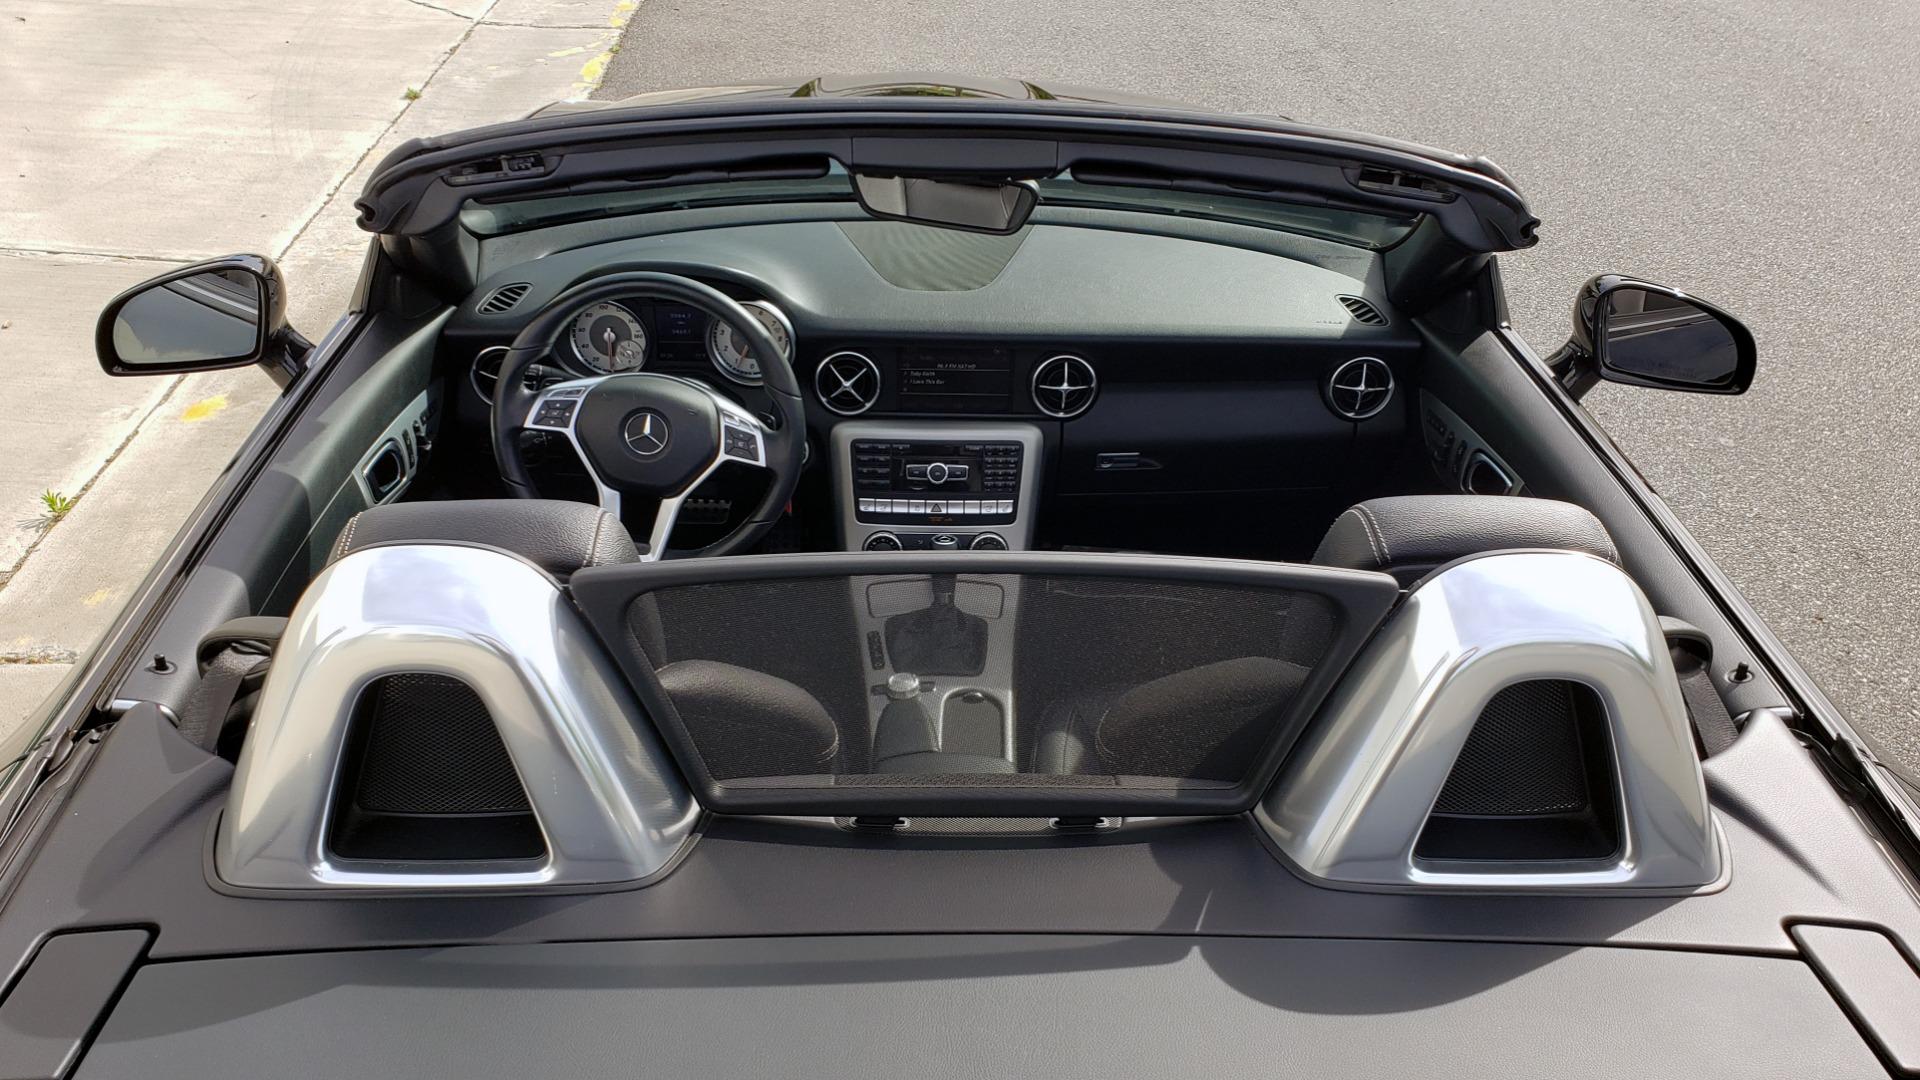 Used 2012 Mercedes-Benz SLK-CLASS SLK 250 ROADSTER / PREM 1 PKG / COMAND LAUNCH PKG / 7-SPD AUTO for sale $24,995 at Formula Imports in Charlotte NC 28227 40